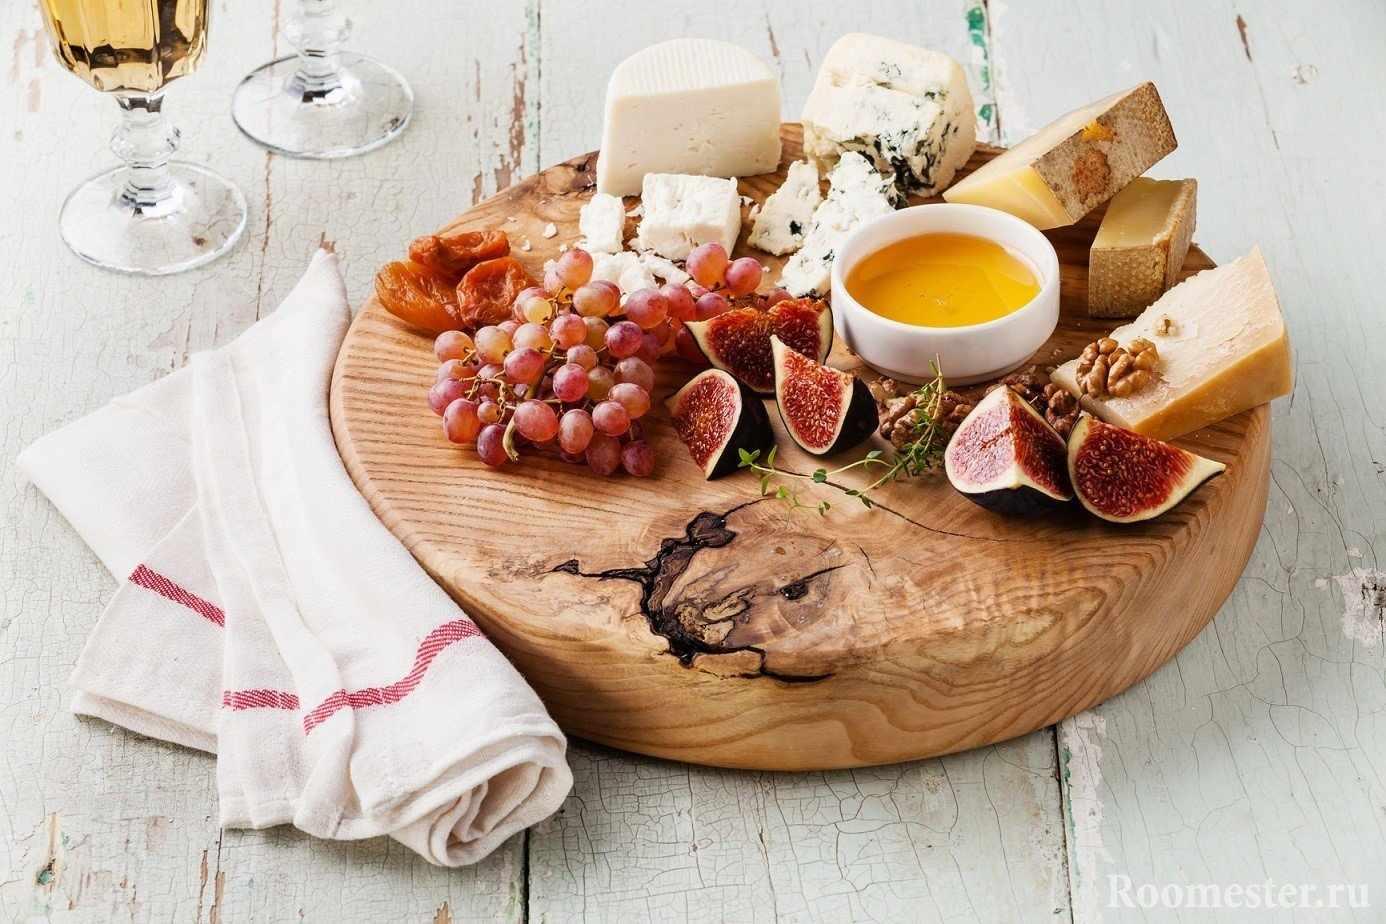 Пример как красиво подать сырную тарелку с фруктами